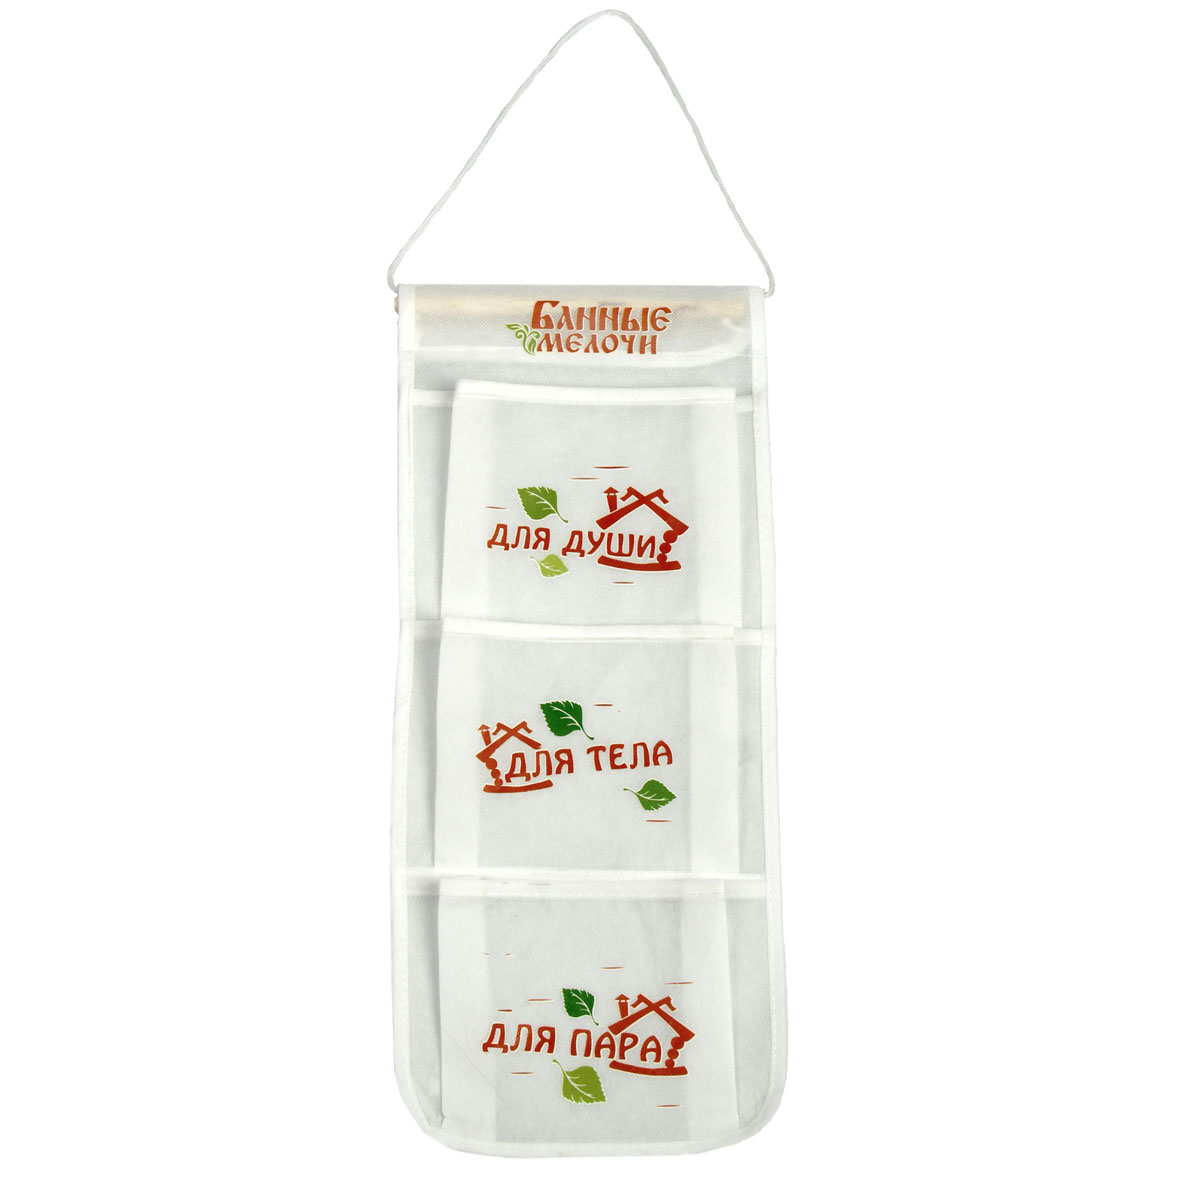 Кармашки на стену для бани Sima-land Банные мелочи, цвет: белый, 3 штCLP446Кармашки на стену Sima-land Банные мелочи, изготовленные из текстиля, предназначены для хранения необходимых вещей, множества мелочей в бане или ванной комнате. Изделие представляет собой текстильное полотно с тремя пришитыми кармашками. Благодаря деревянной планке и шнурку, кармашки можно подвесить на стену или дверь в необходимом для вас месте.Кармашки декорированы надписями Для души, Для тела, Для пара.Этот нужный предмет может стать одновременно и декоративным элементом бани или ванной комнаты.